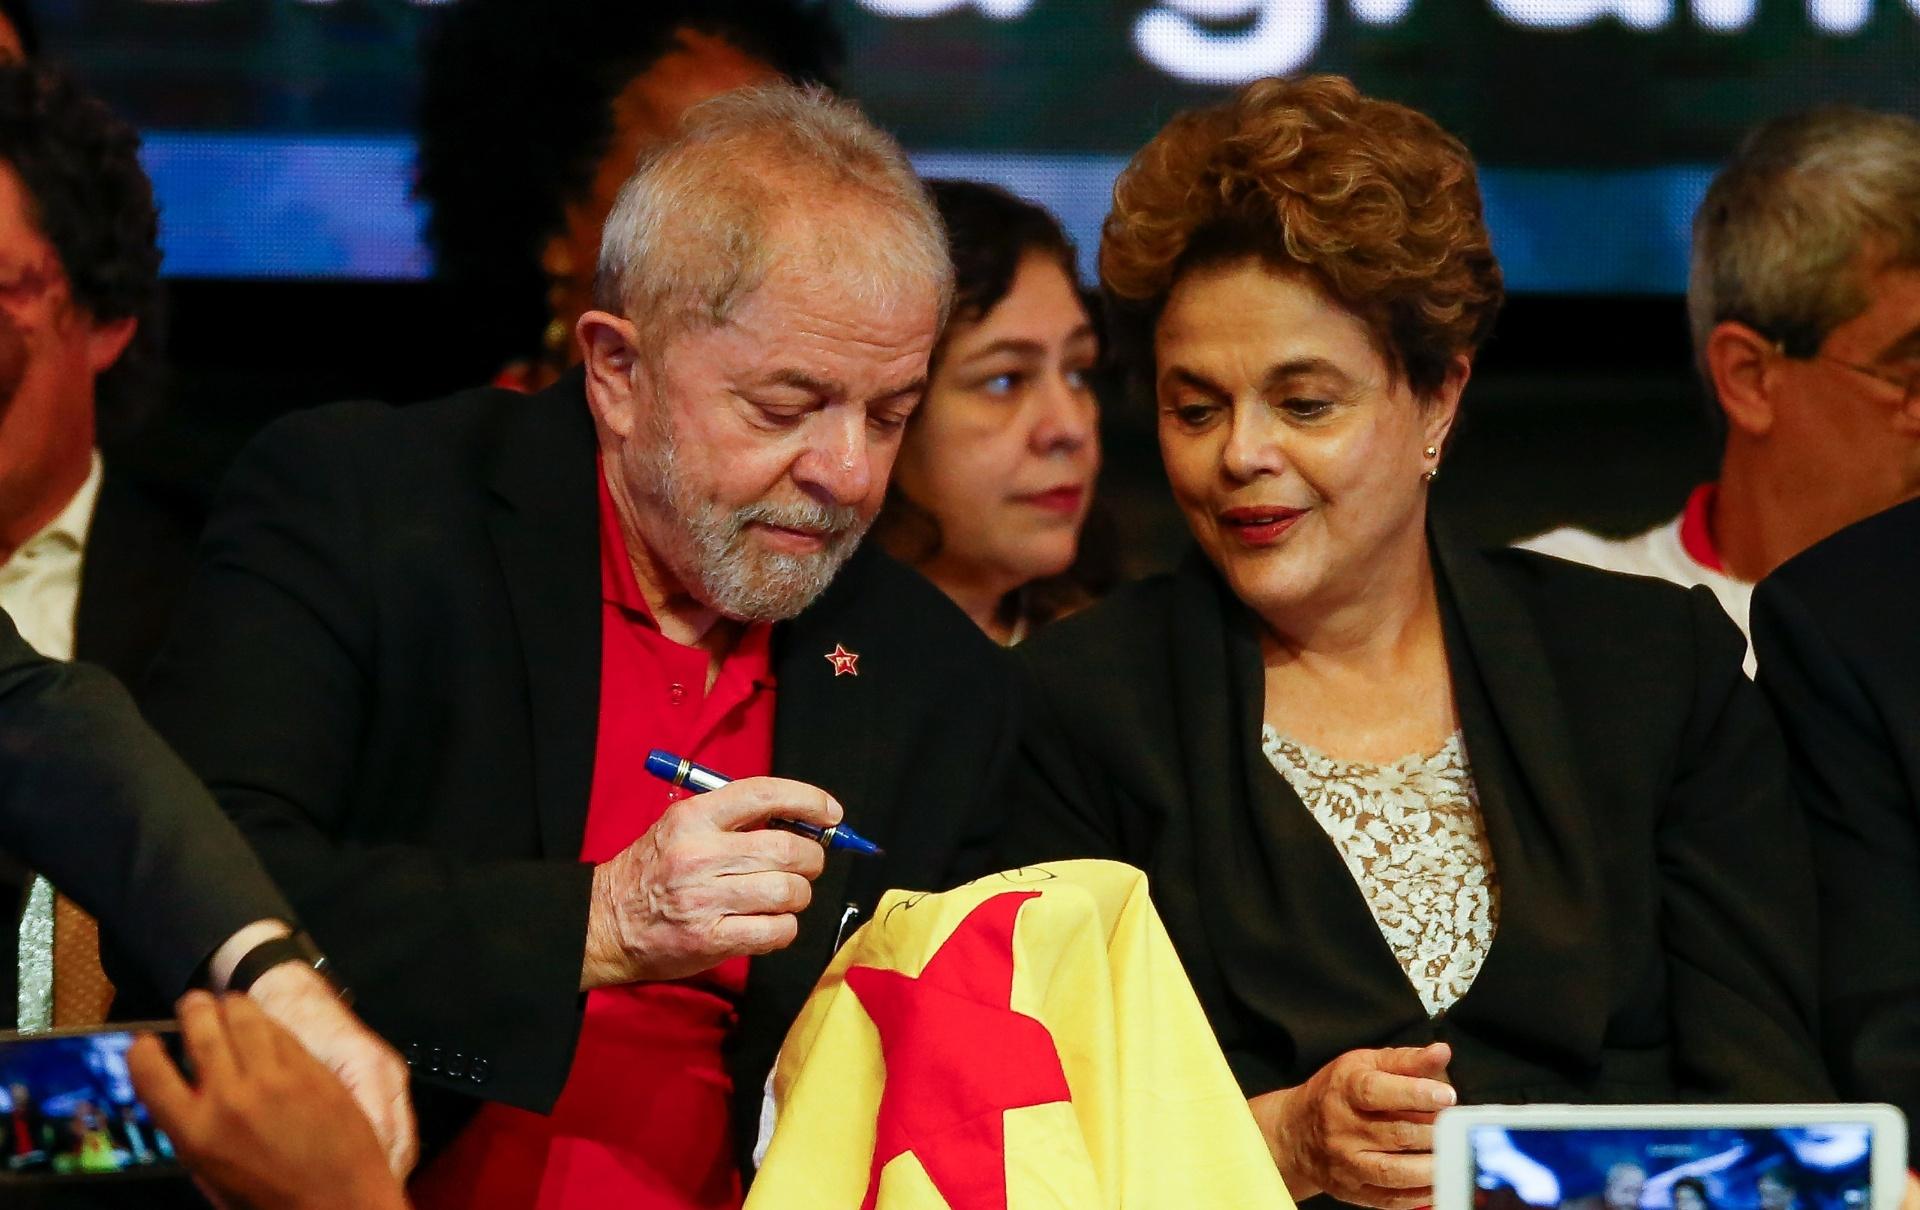 1.jun.2017 - Lula e Dilma durante abertura do Congresso Nacional do PT, em Brasília